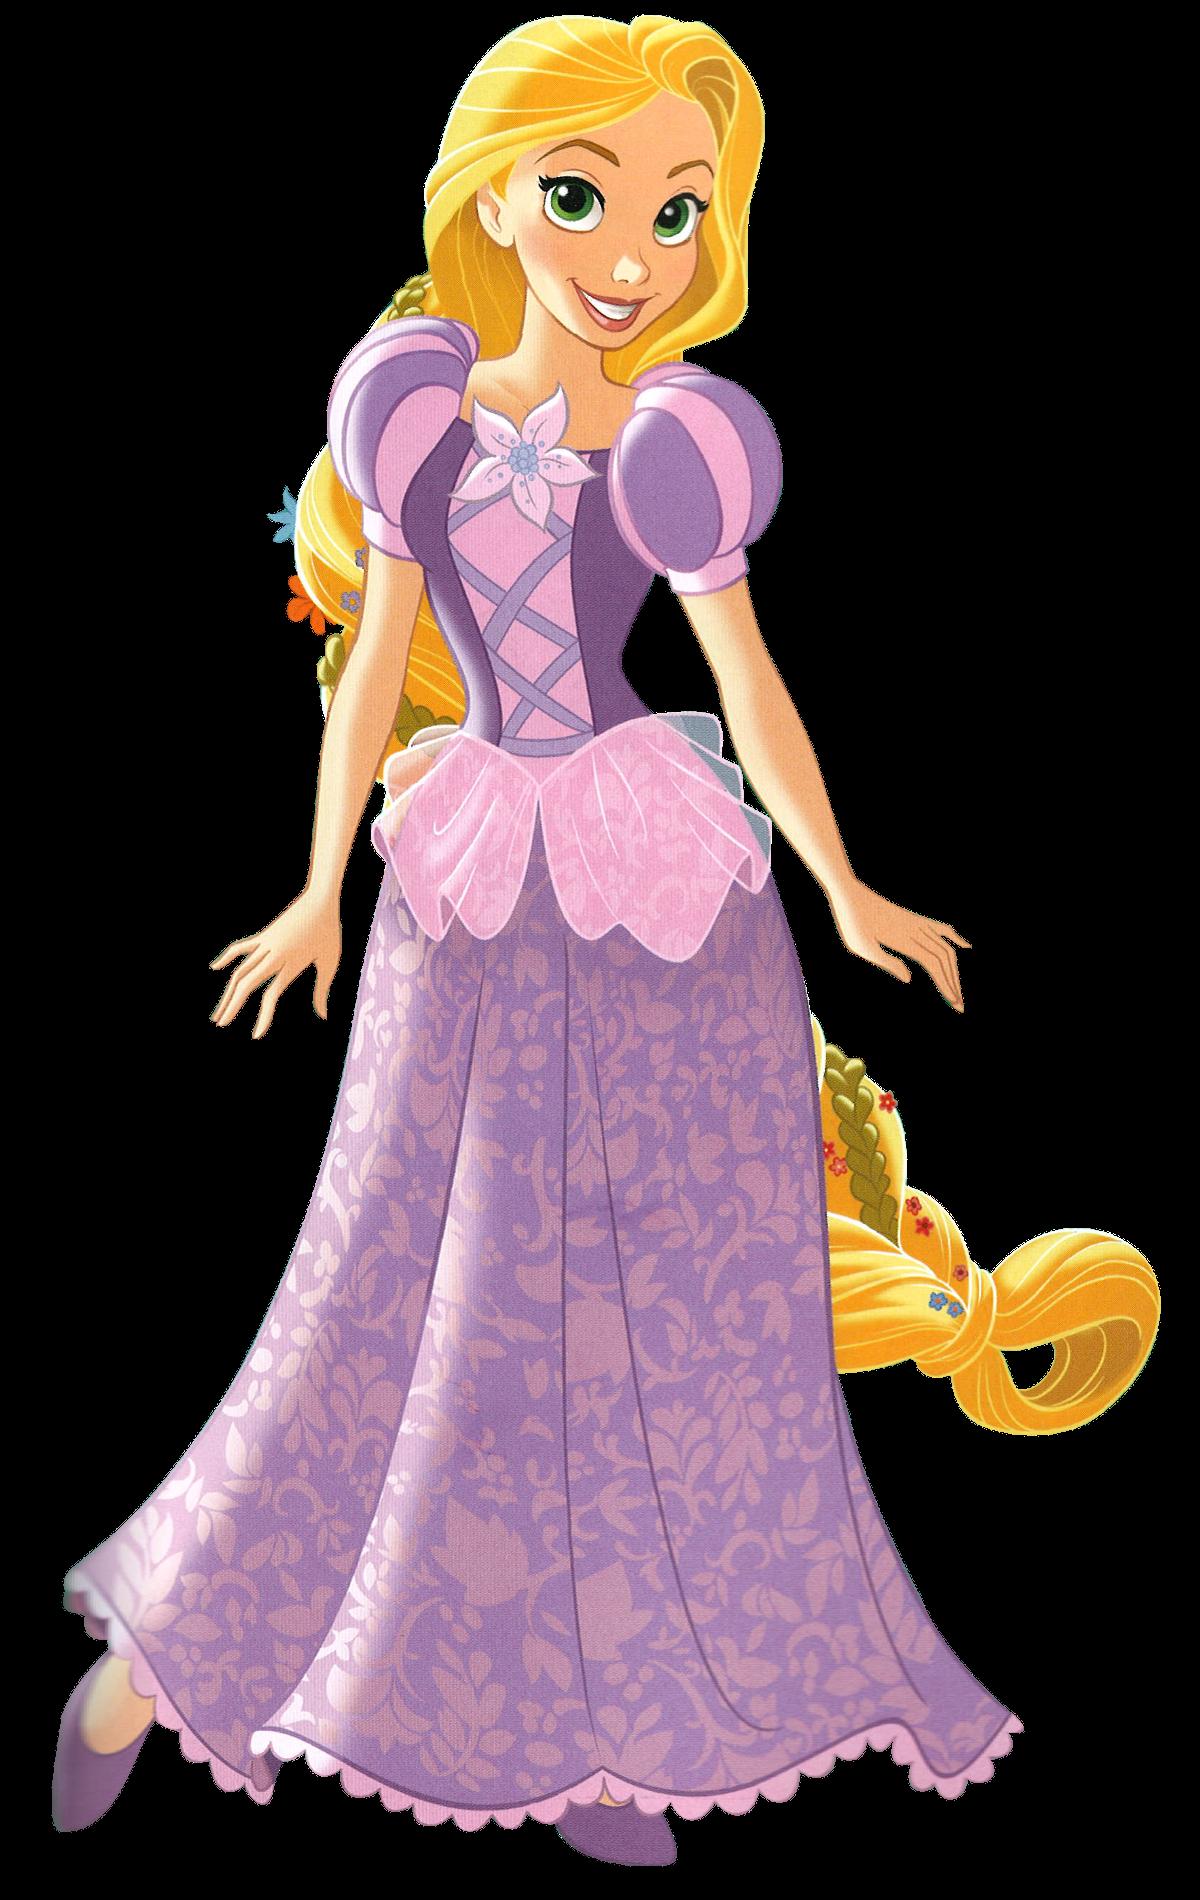 Walt disney gambar - Princess Rapunzel